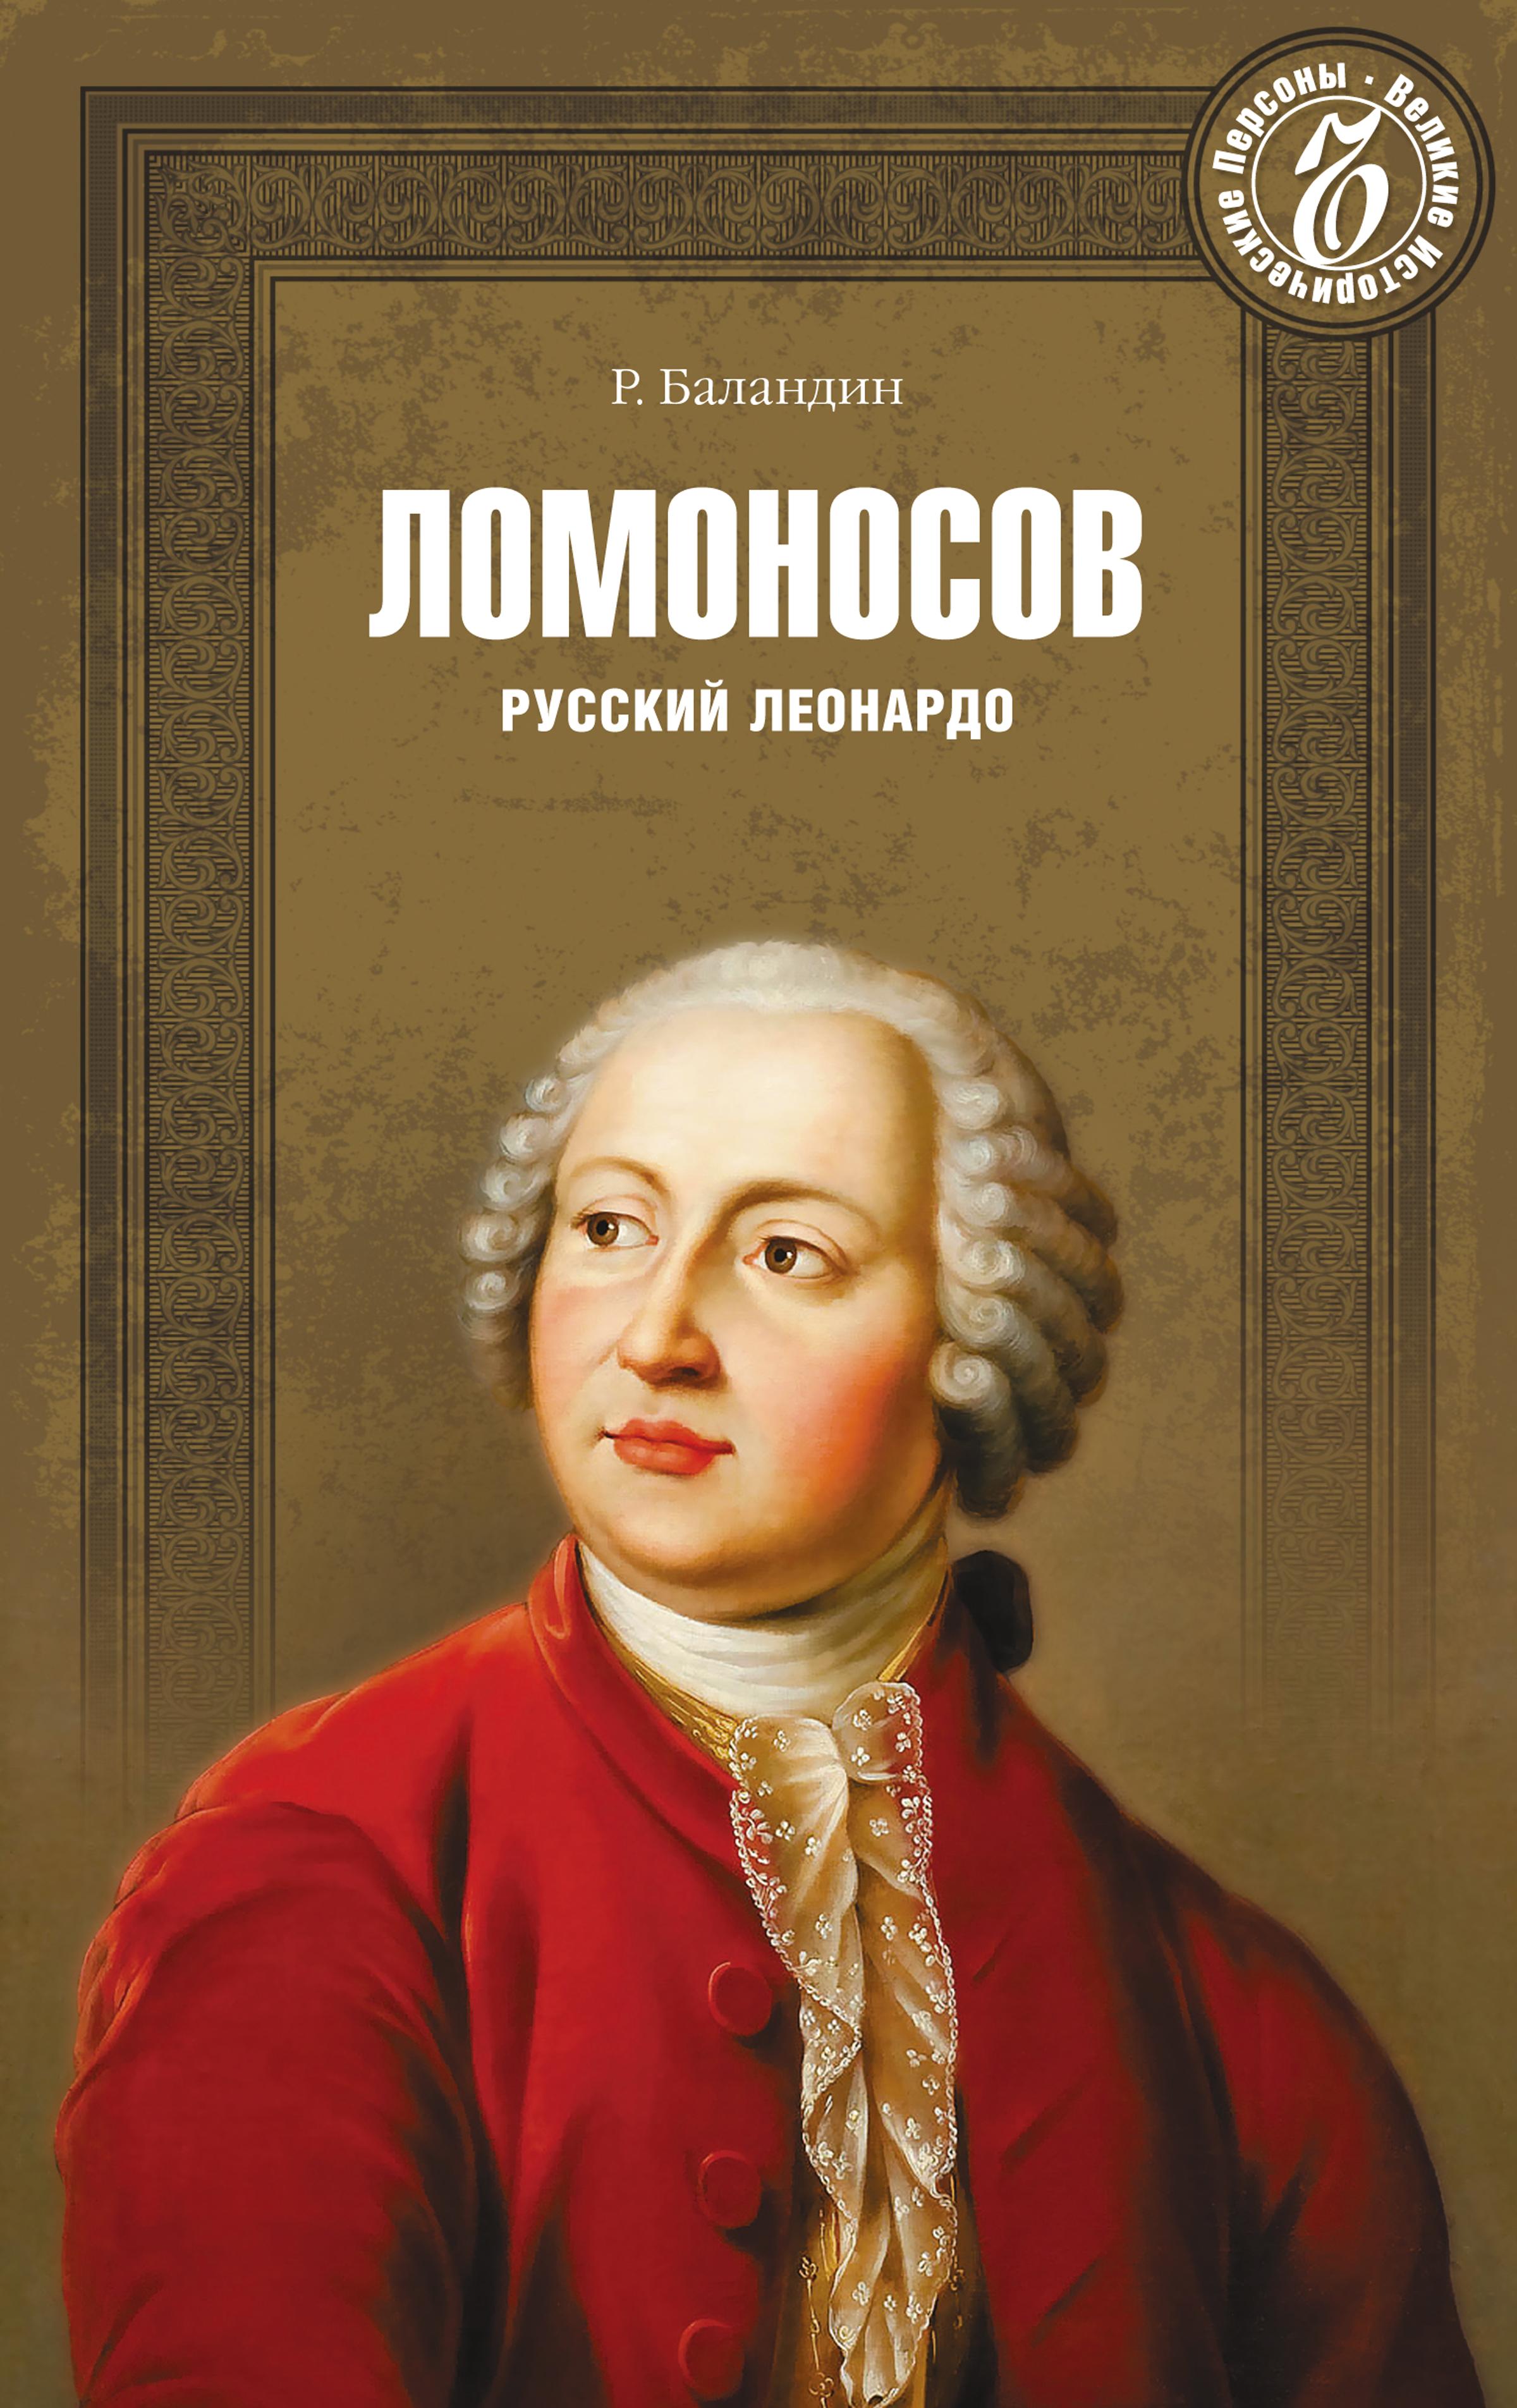 lomonosov russkiy leonardo